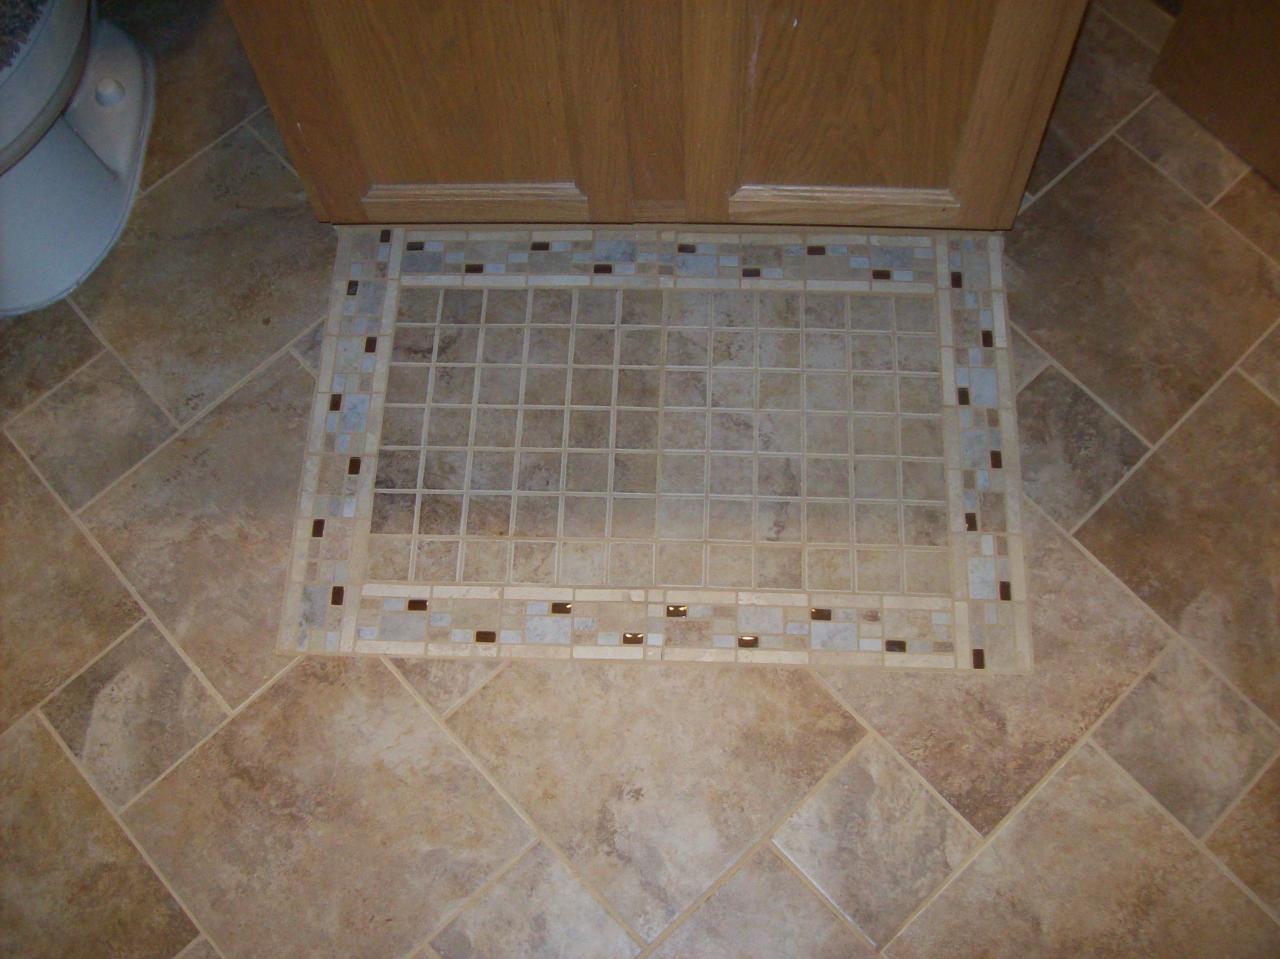 k-endearing-best-ceramic-tile-for-bathroom-ceramic-tile-for-bathroom-floors-ceramic-tile-for-bathroom-floors-not-slippery-12-x-12-ceramic-floor-tile-for-bathroom-ceramic-tile-styles-for-a-bathroom